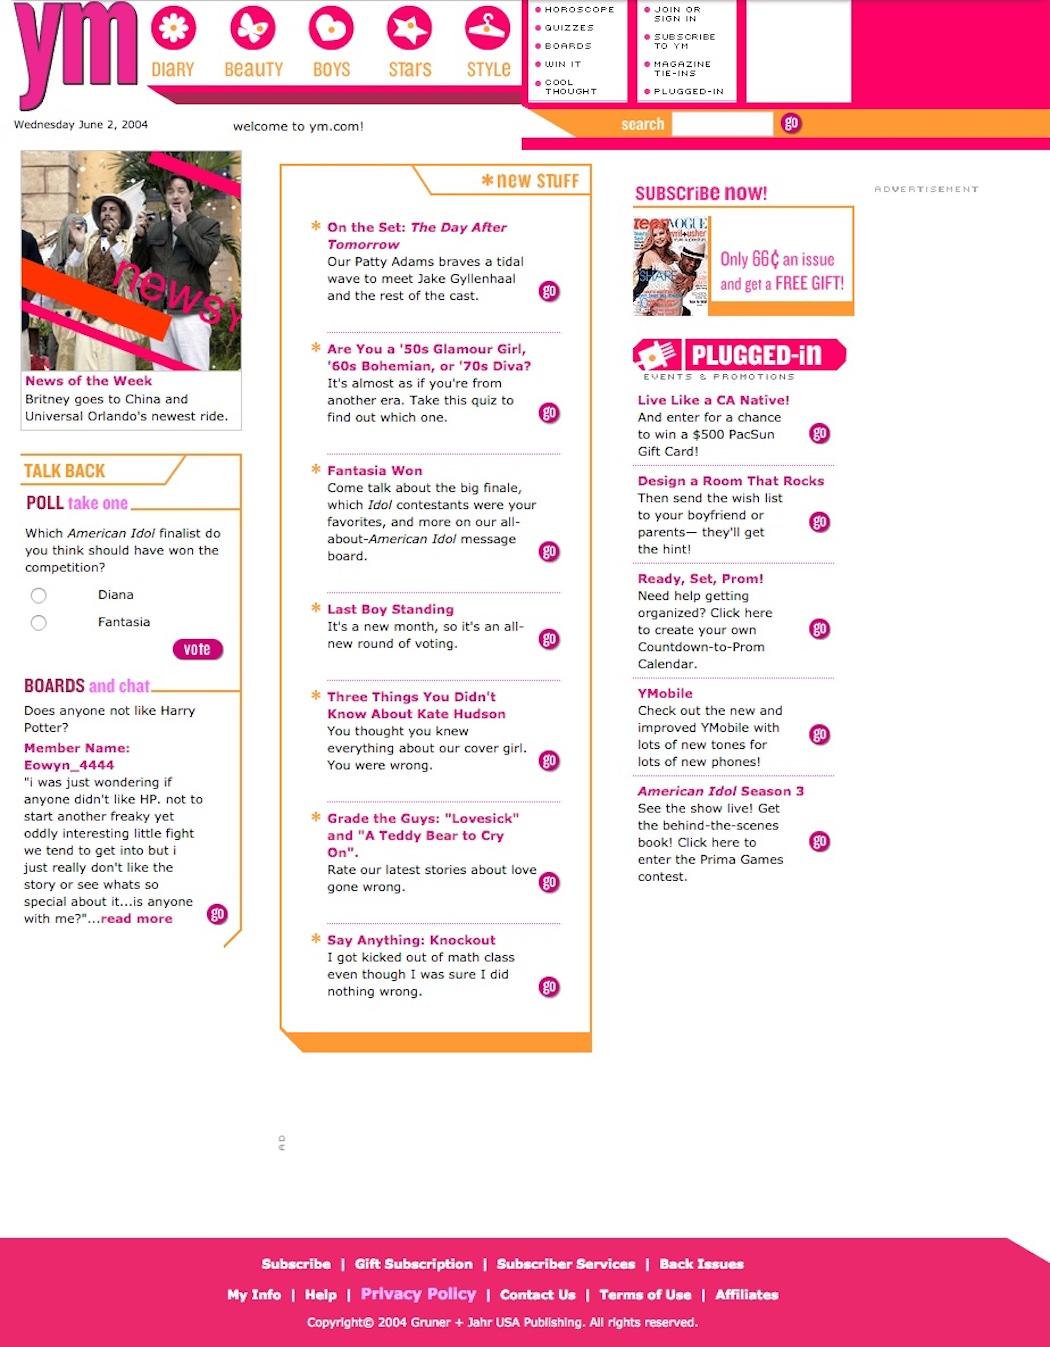 ym.com in 2004